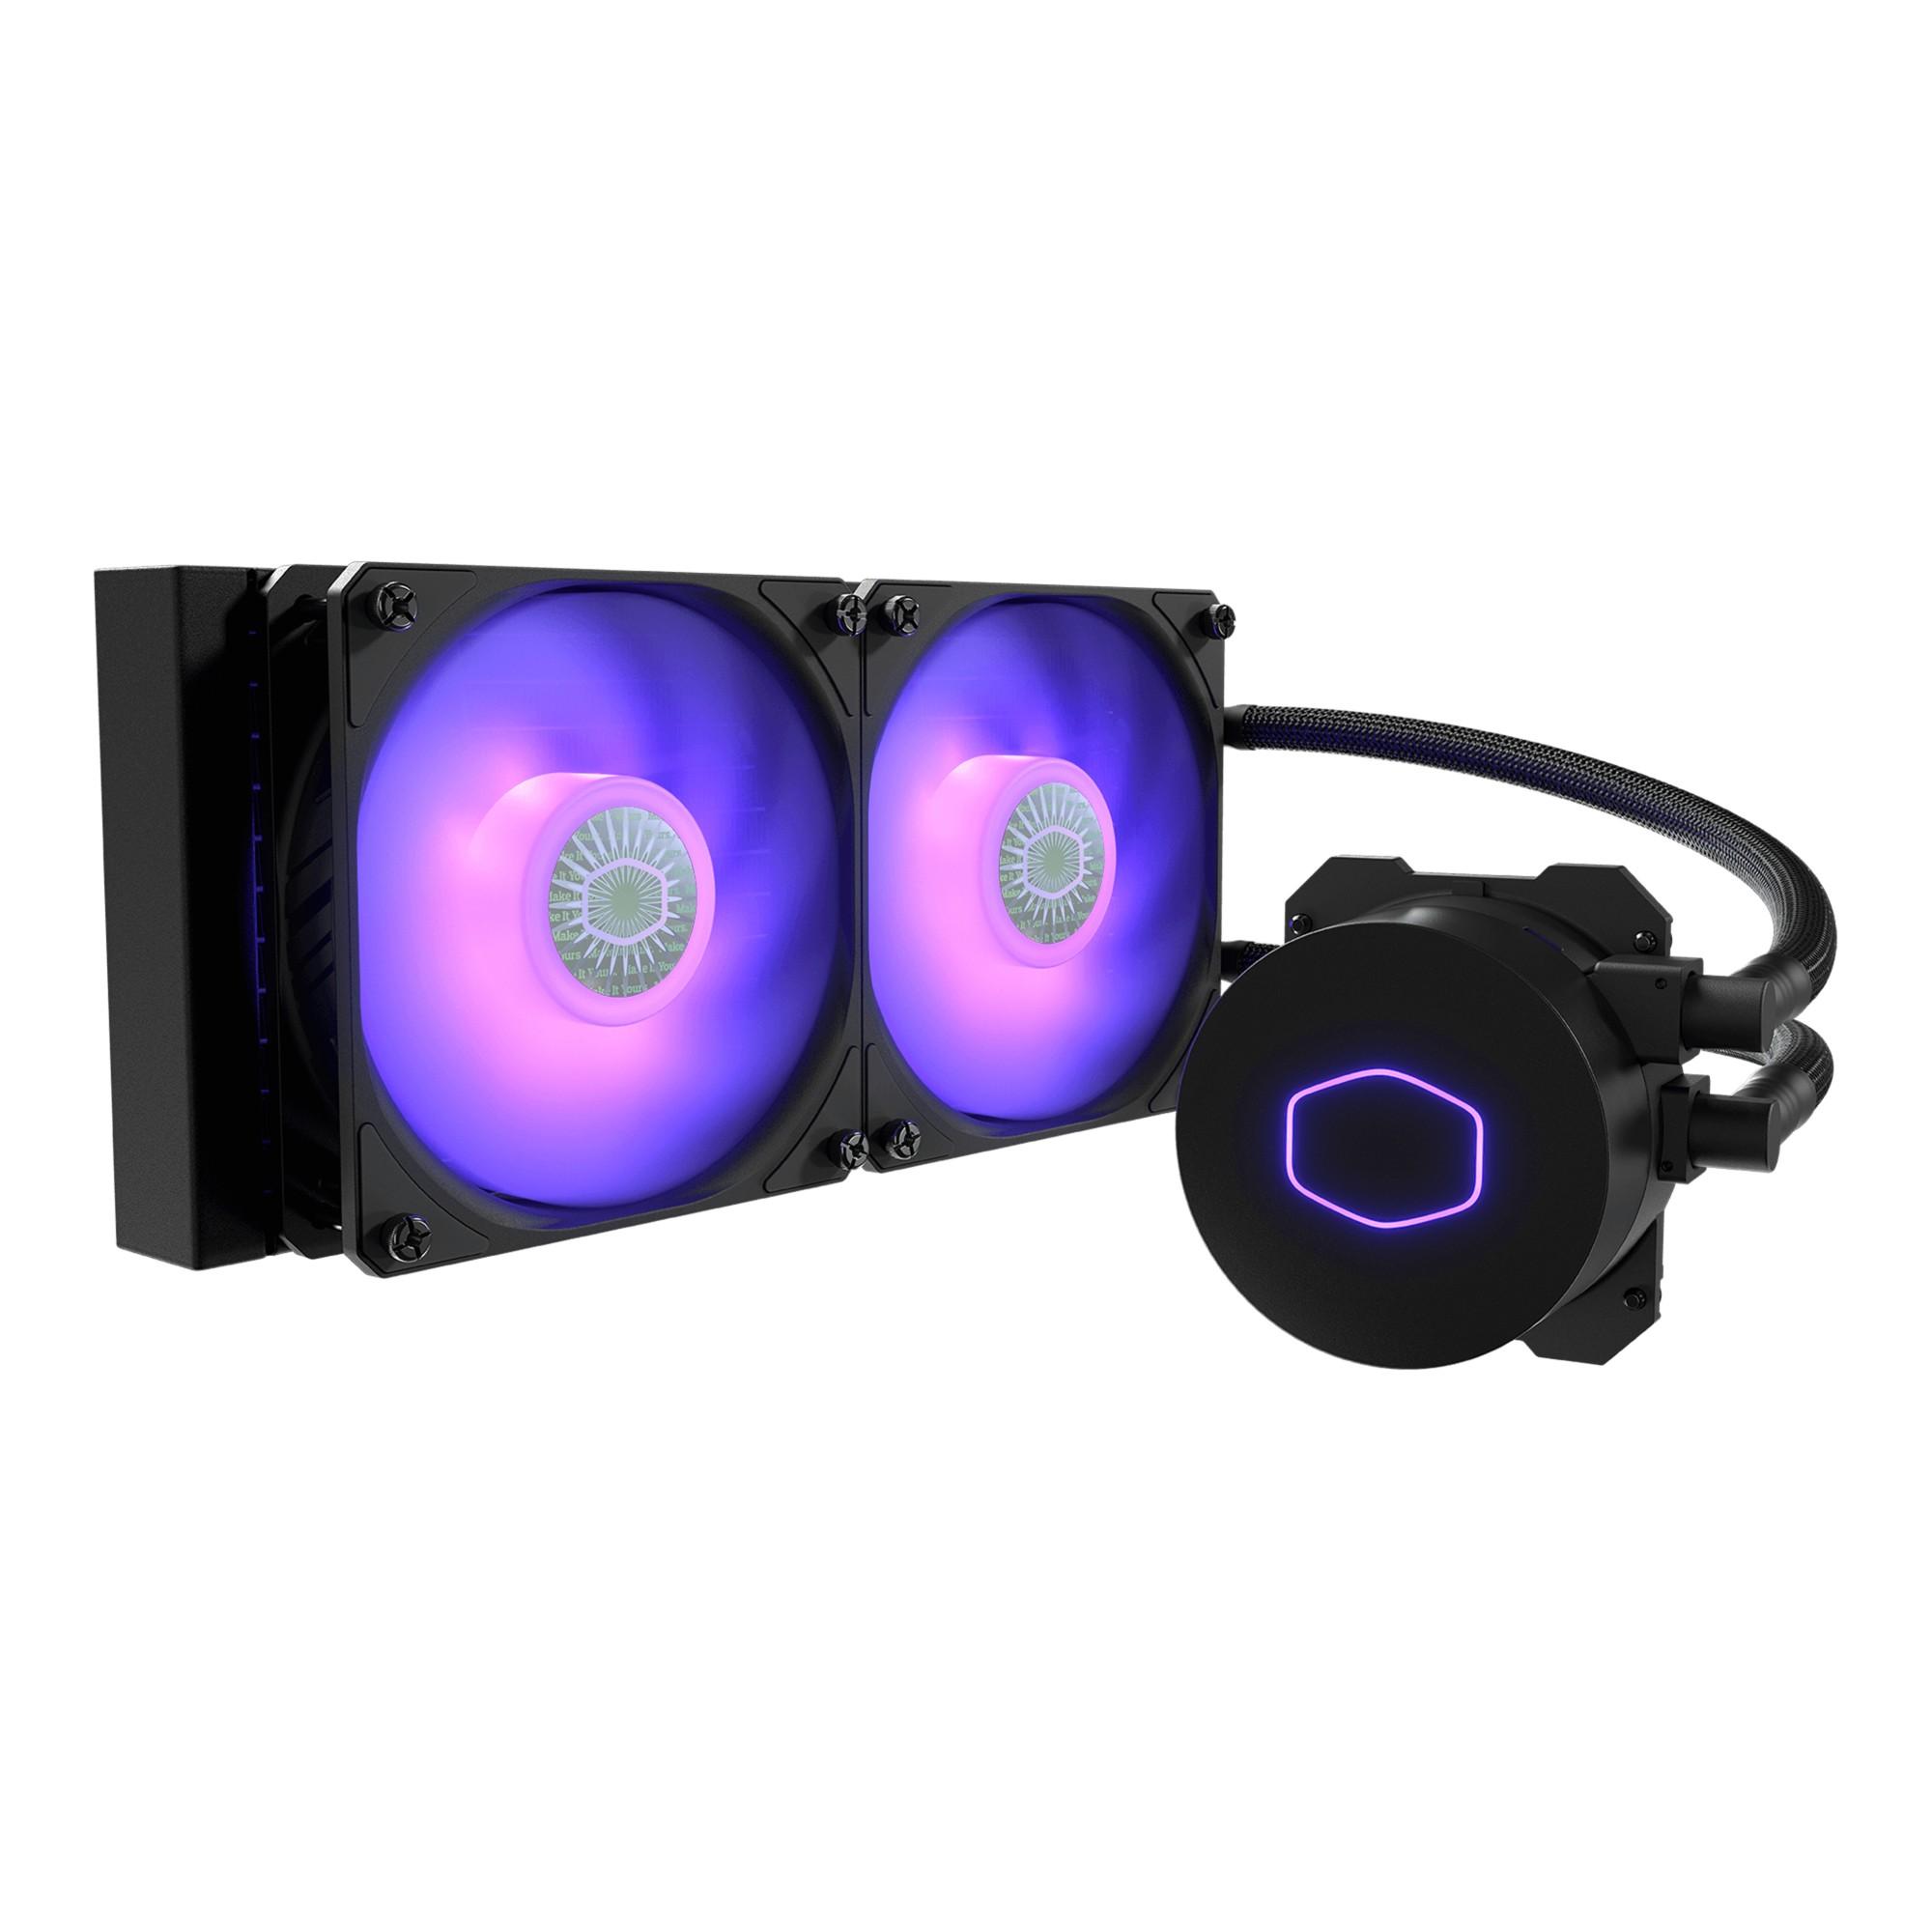 Cooler Master MasterLiquid ML240L V2 RGB computer liquid cooling Processor